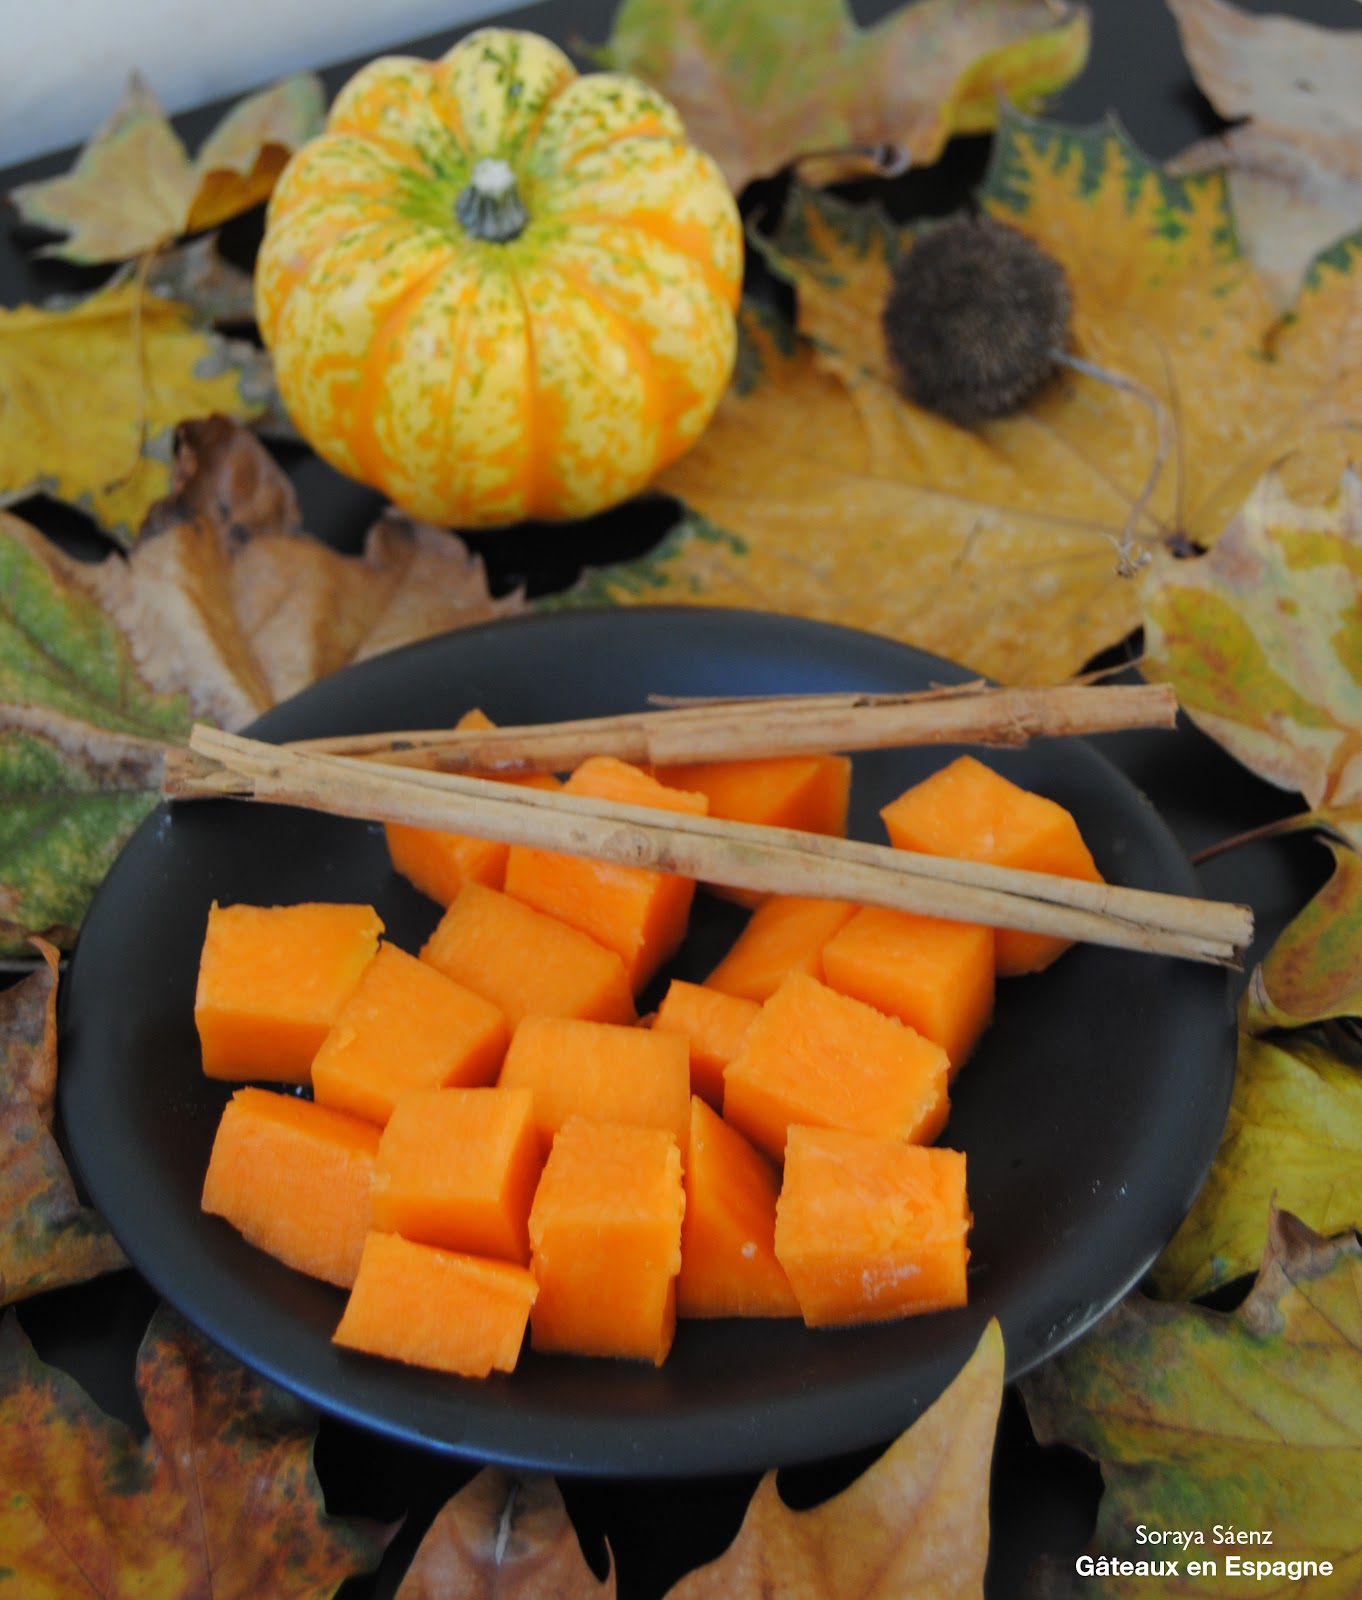 G teaux en espagne beignets de citrouille un dessert - Recette dessert halloween ...